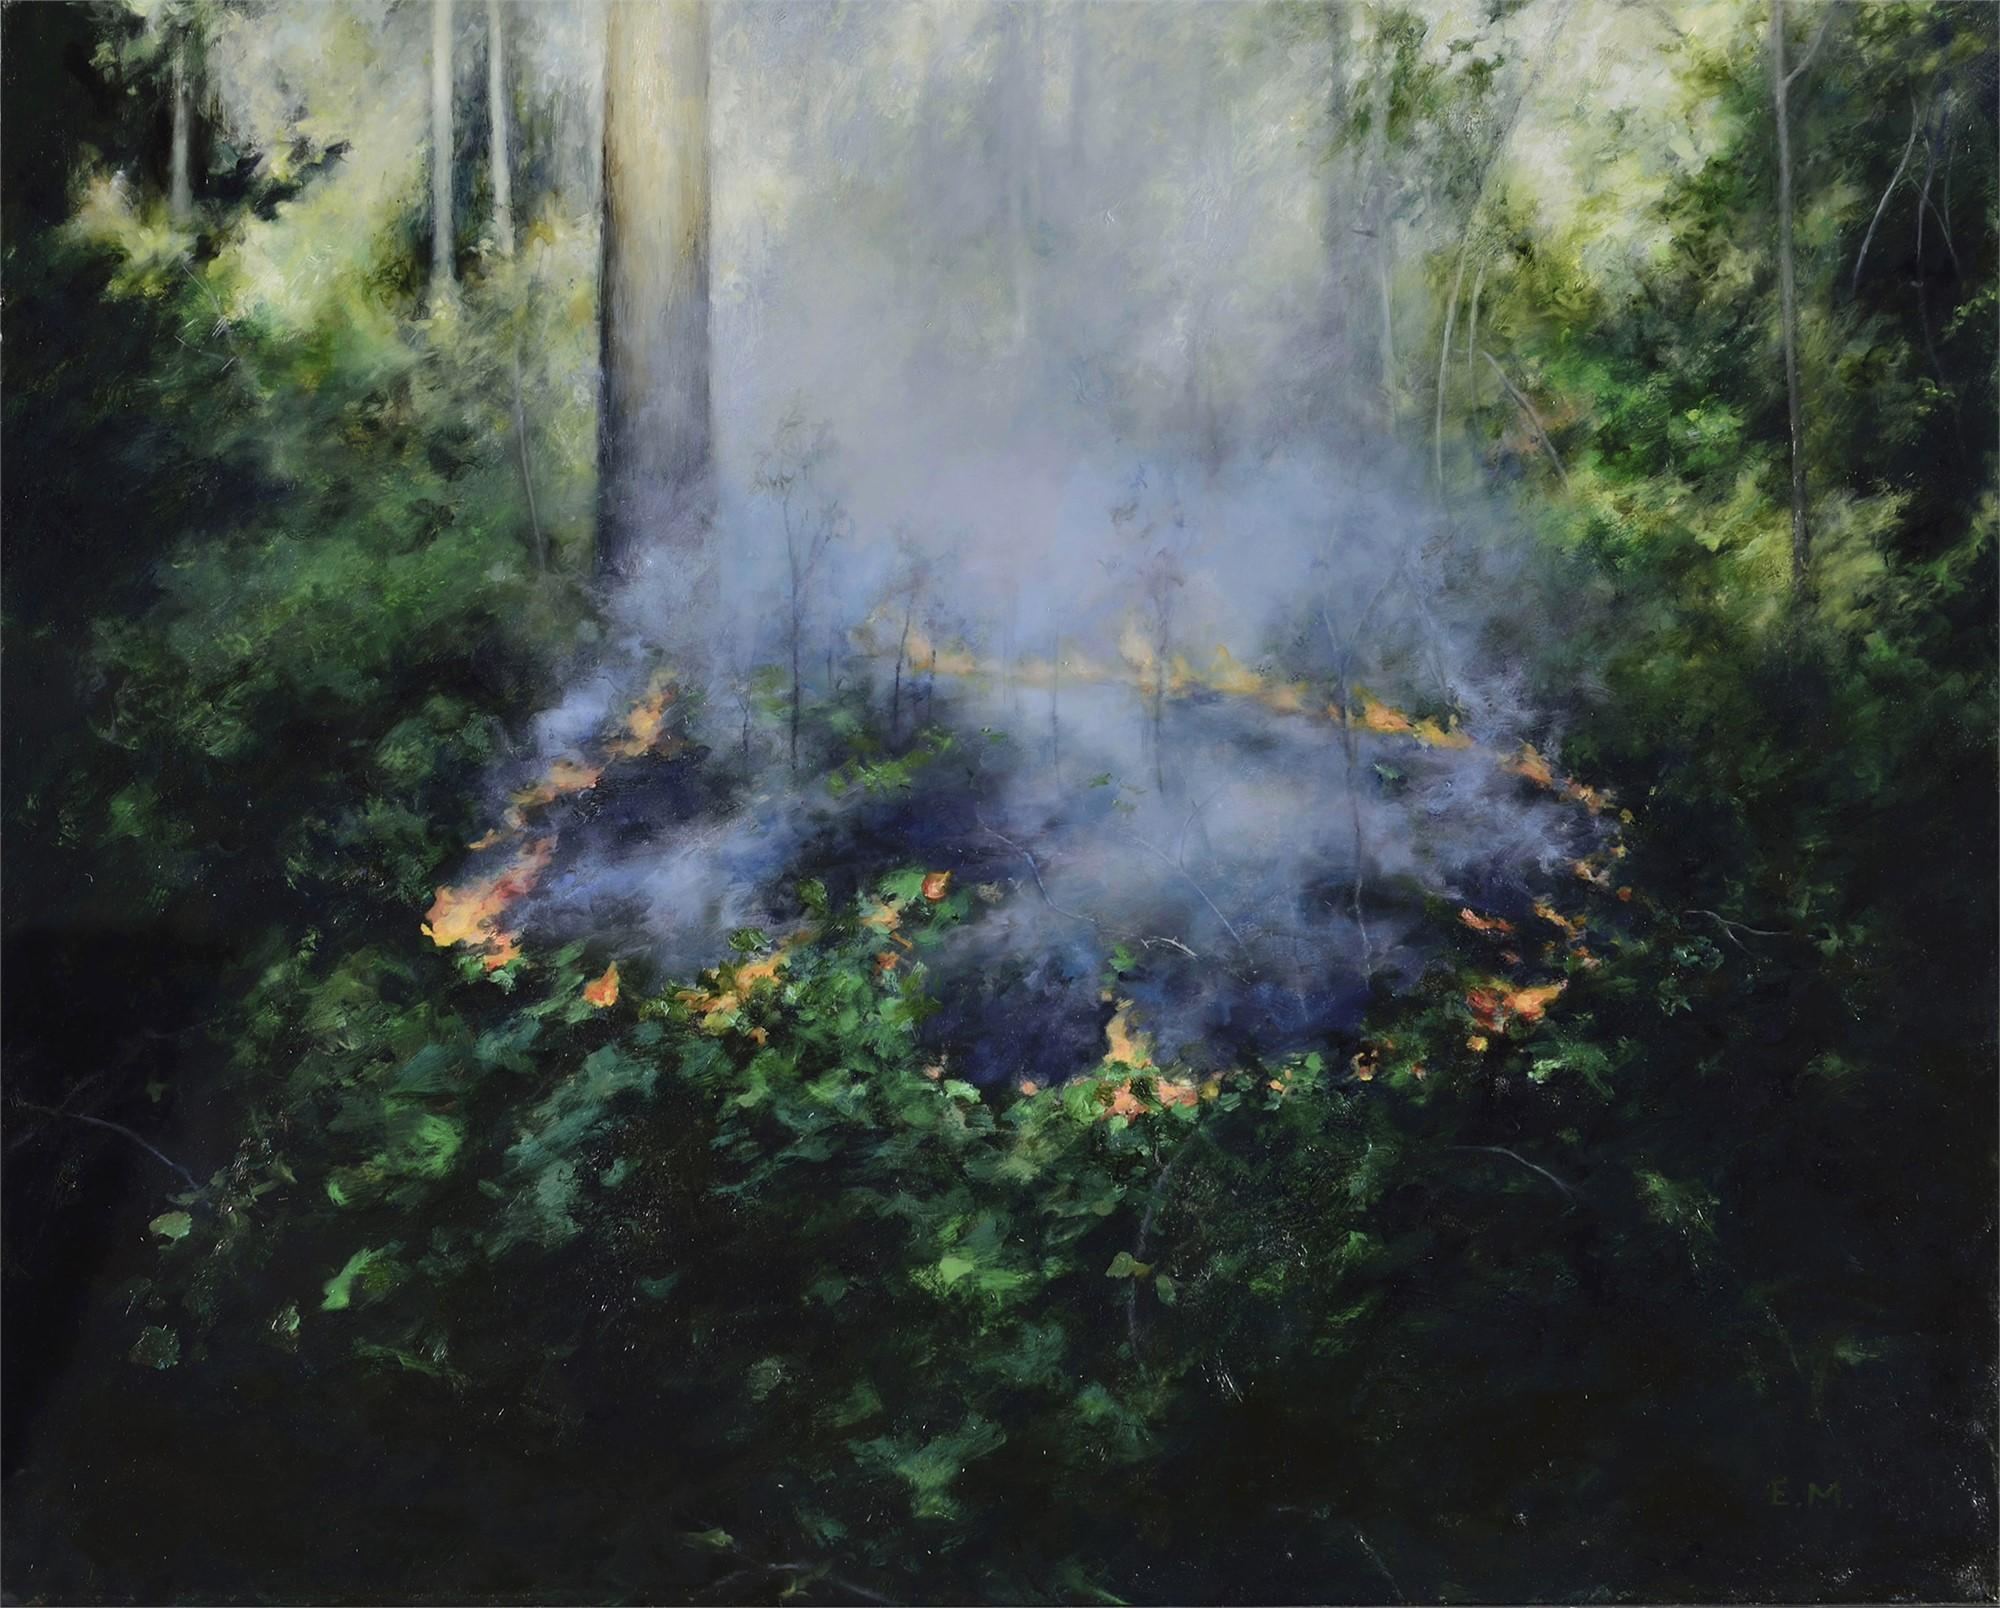 Controlled Burn 3 by Elsa Muñoz